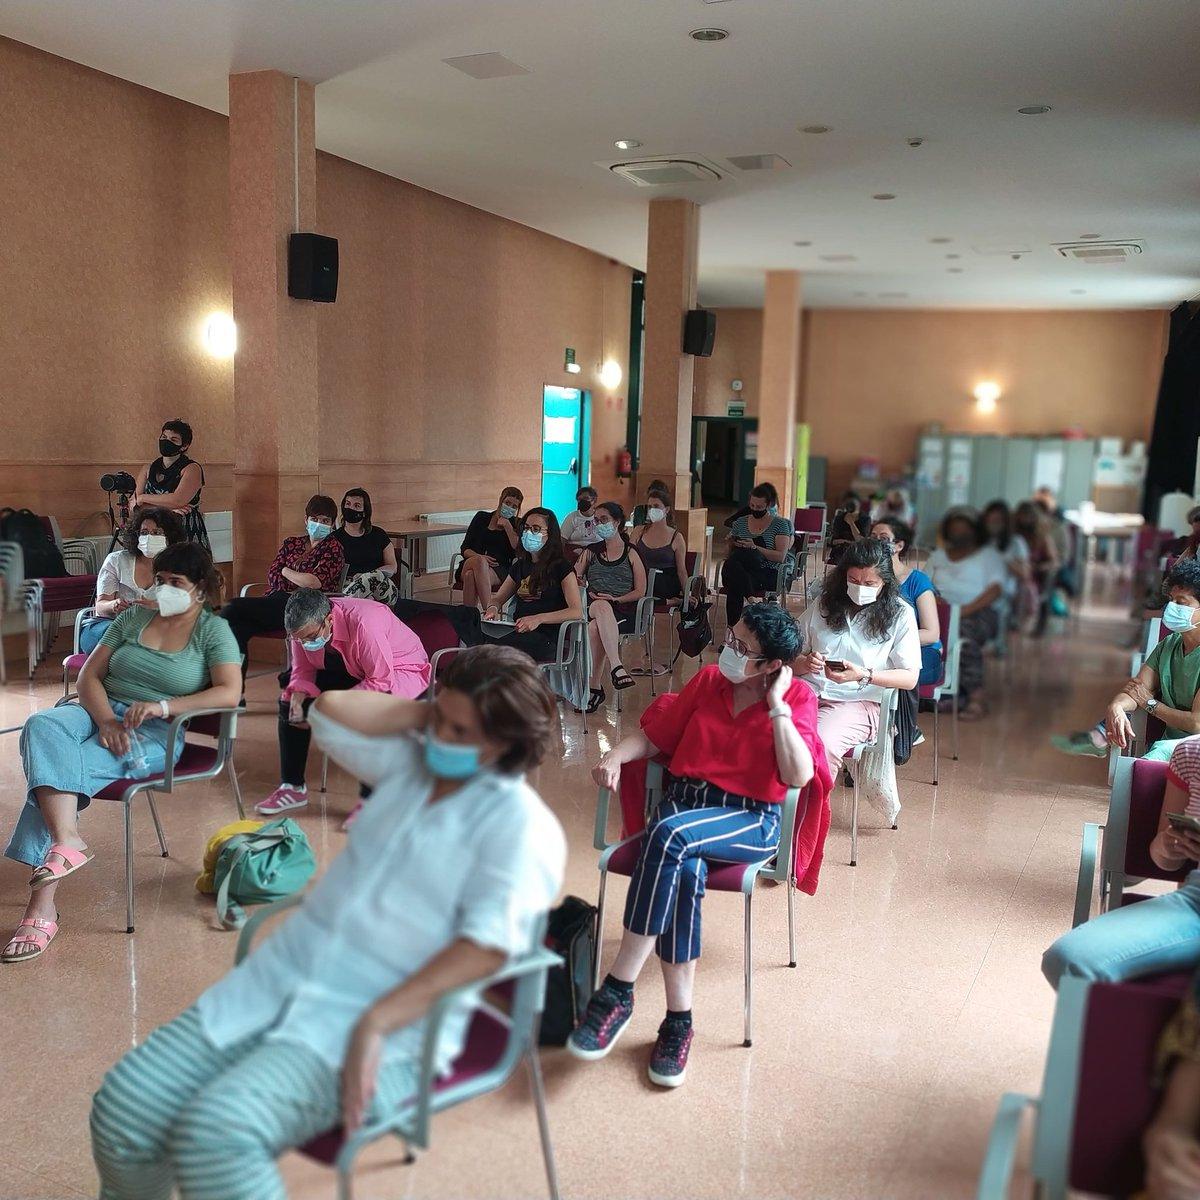 📣 Anotad esta fecha, 18 de Junio de 2021. Hoy se ha constituido la Asociación #Koloretxe 🙂 Otro paso más en la lucha para conseguir una Casa de las Mujeres en los barrios altos de #Bilbao  ¿Quieres hacerte socia?  https://t.co/zJBLTfqPLD Koloretxe, Gure Etxe 🏠